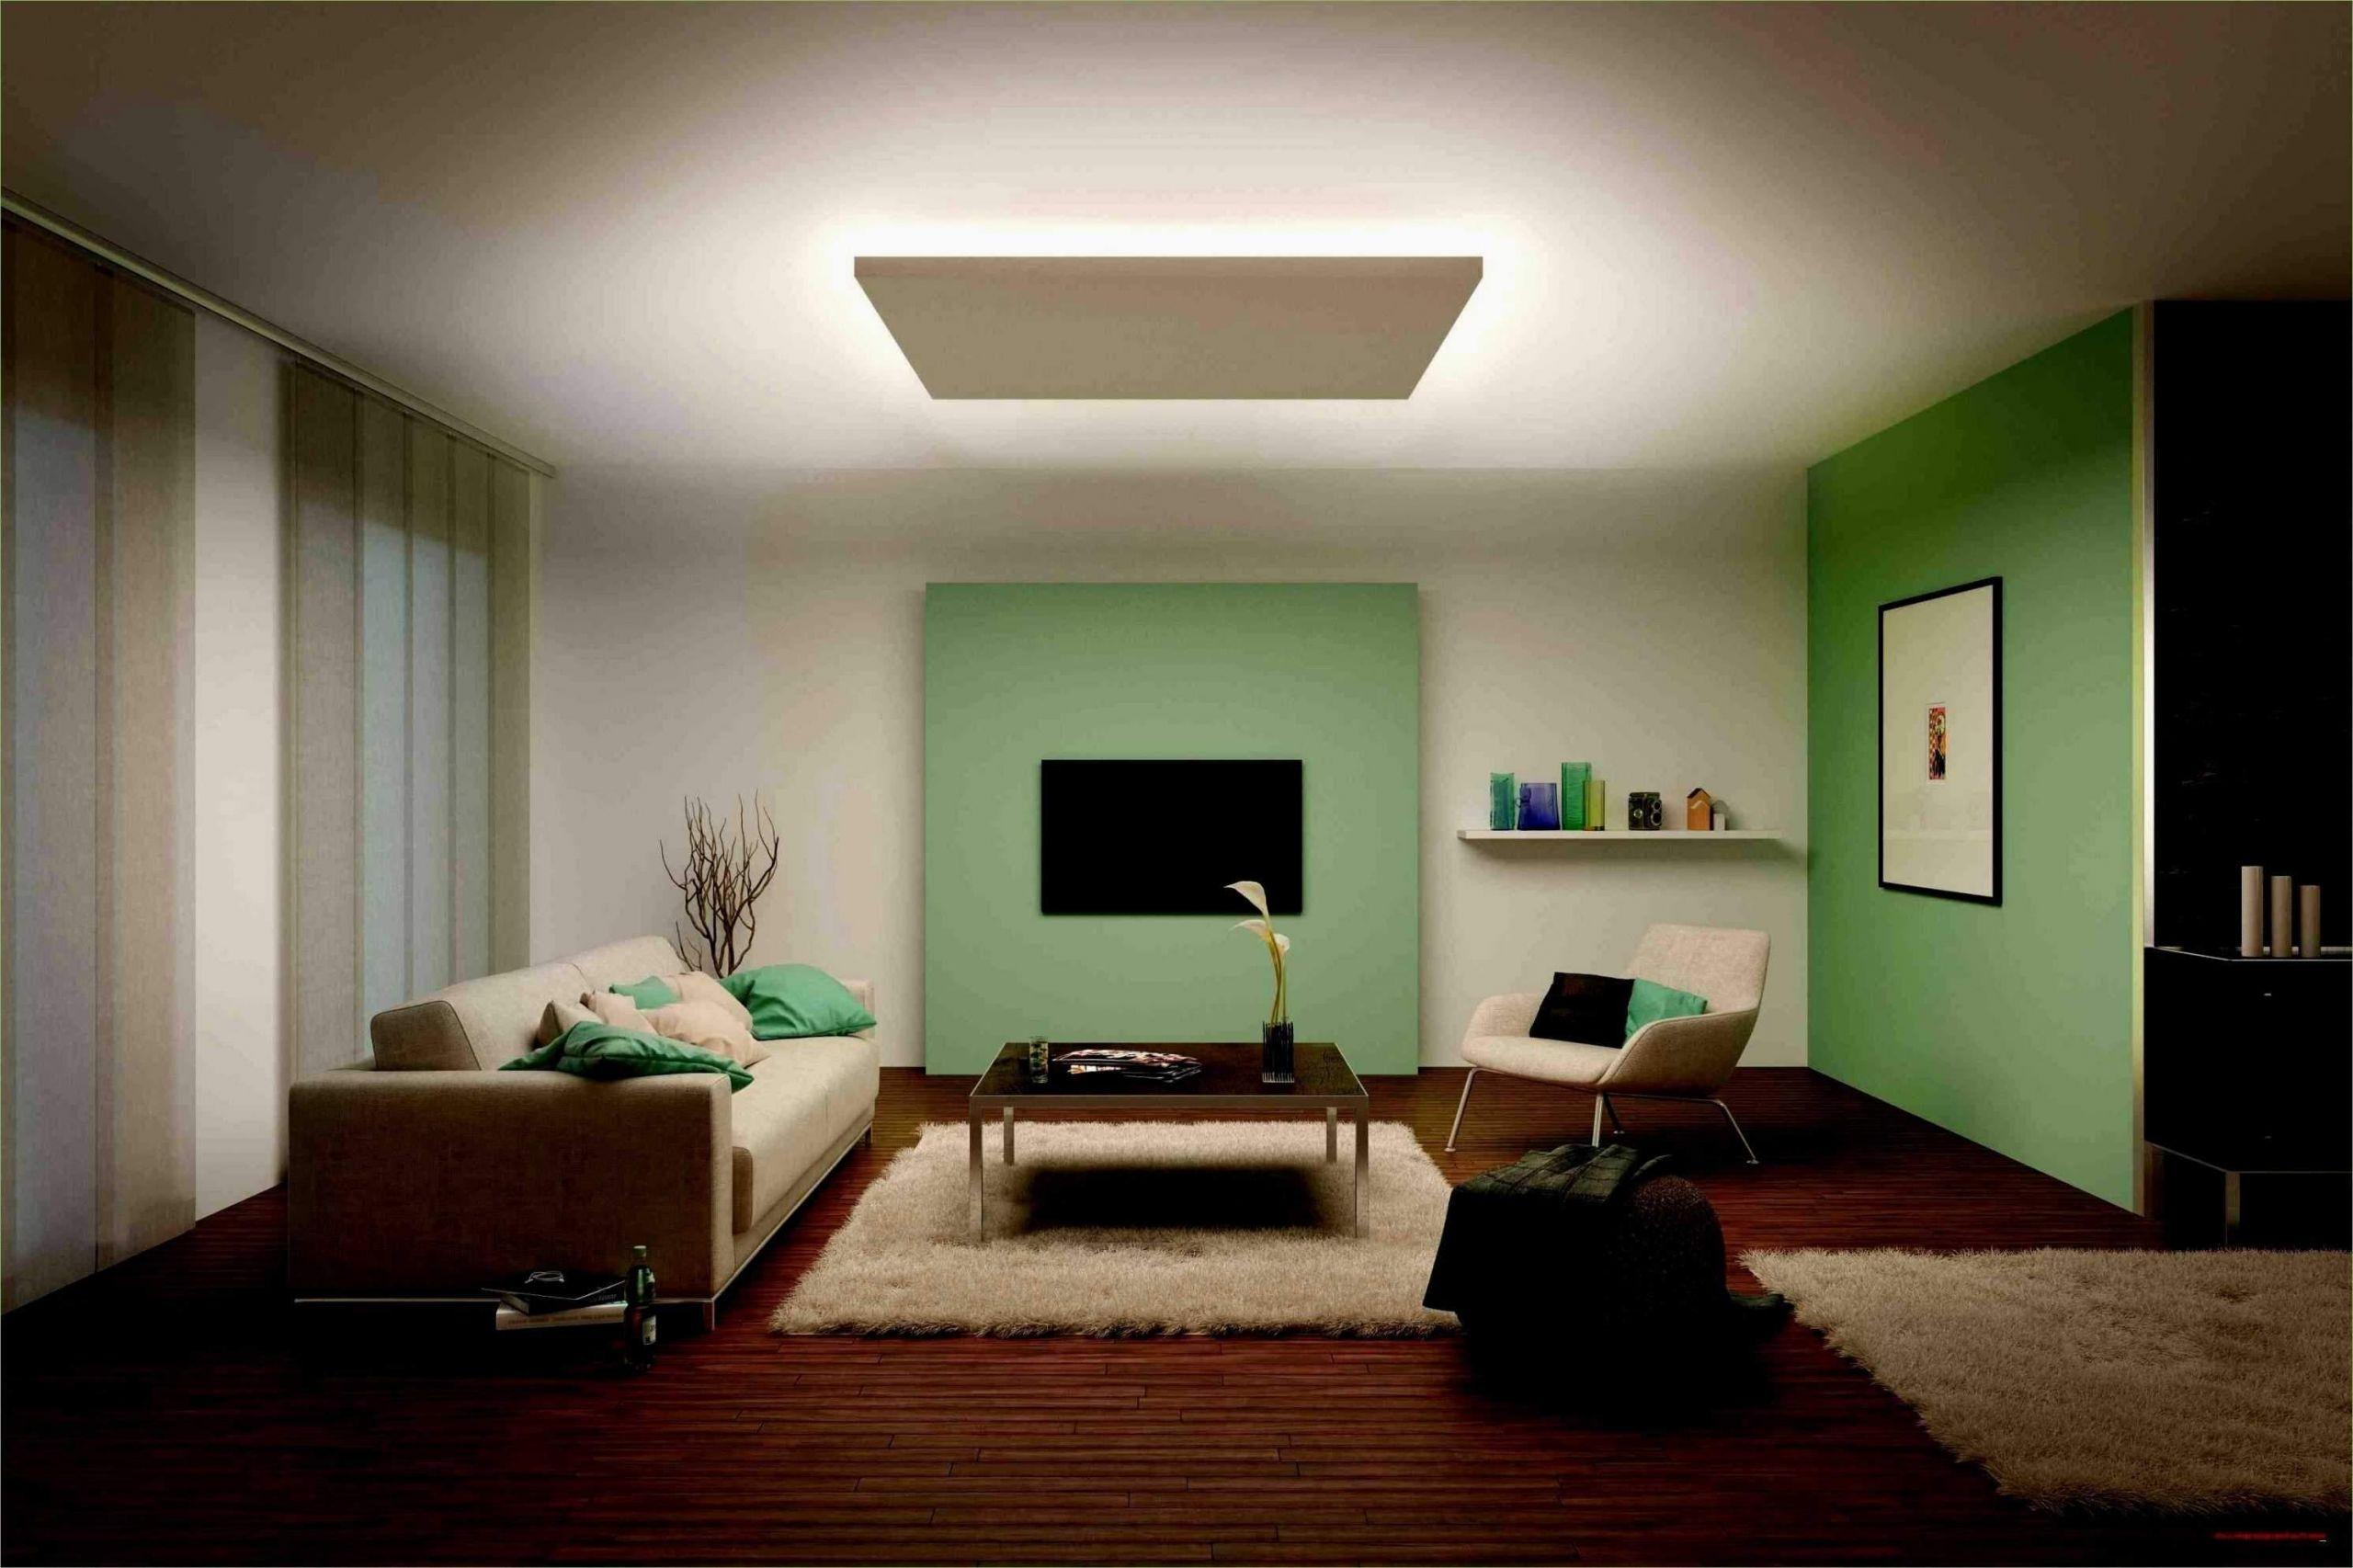 Full Size of Led Beleuchtung Für Wohnzimmer Wohnzimmer Beleuchtung Led Leiste Led Beleuchtung Wohnzimmer Indirekt Led Beleuchtung Wohnzimmer Farbwechsel Wohnzimmer Led Beleuchtung Wohnzimmer